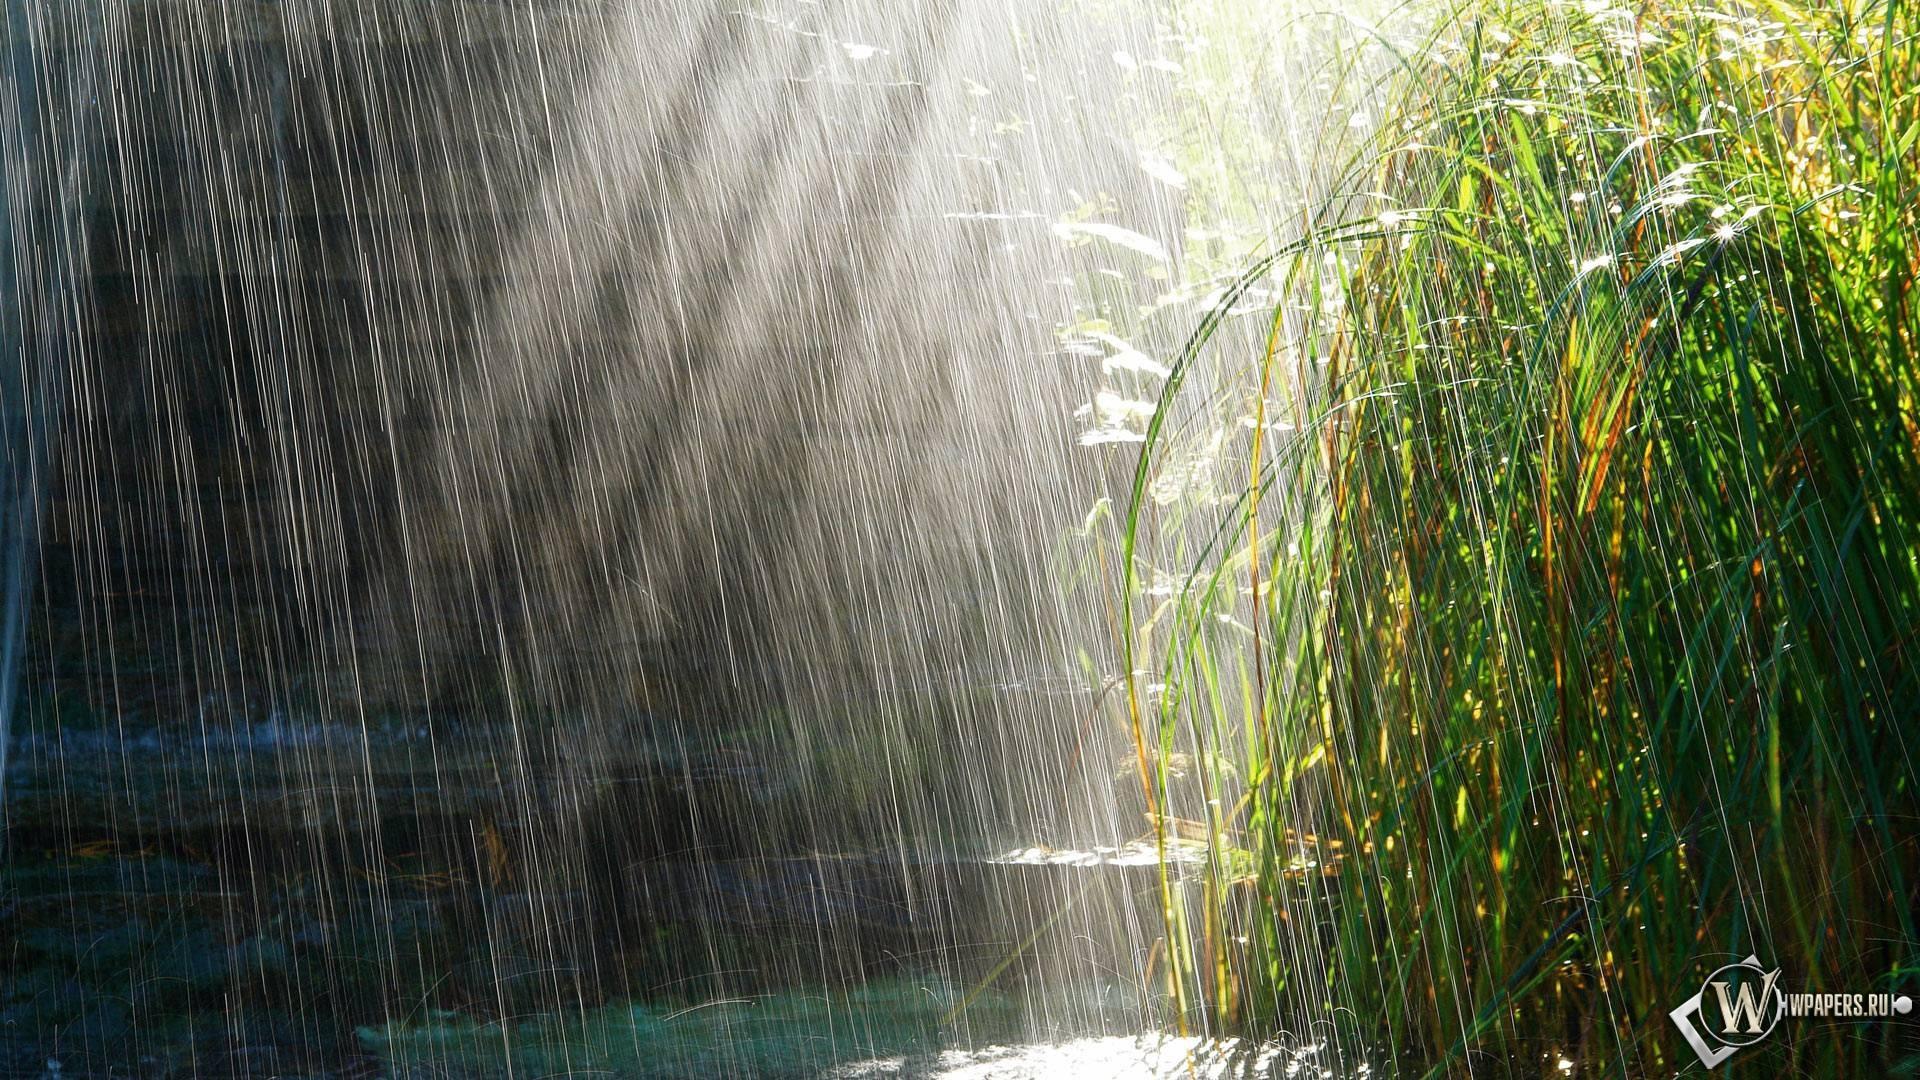 Грибной дождь 1920x1080